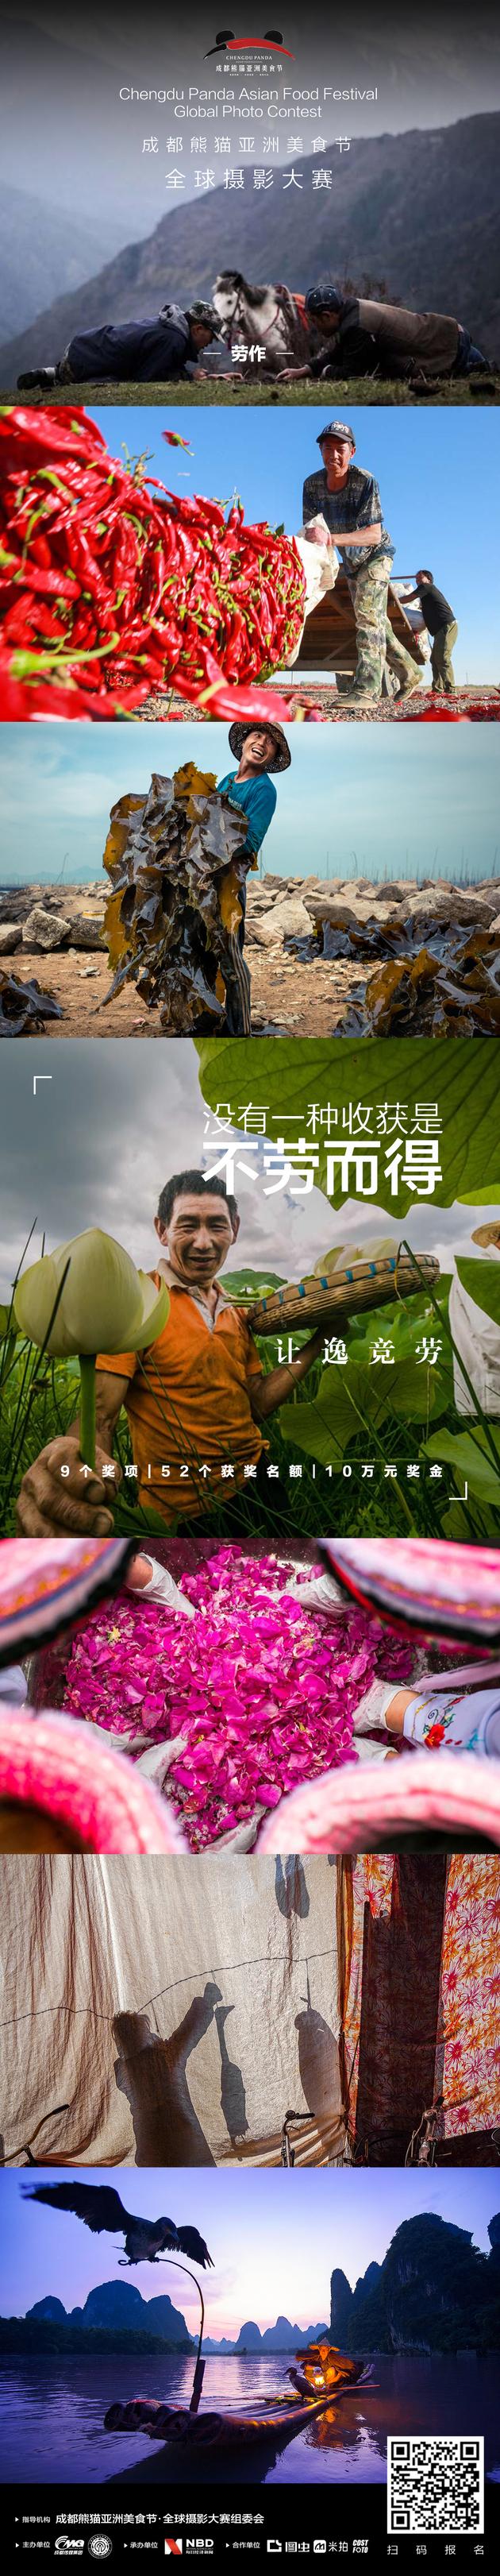 倒计时5天,成都熊猫亚洲美食节全球摄影大赛